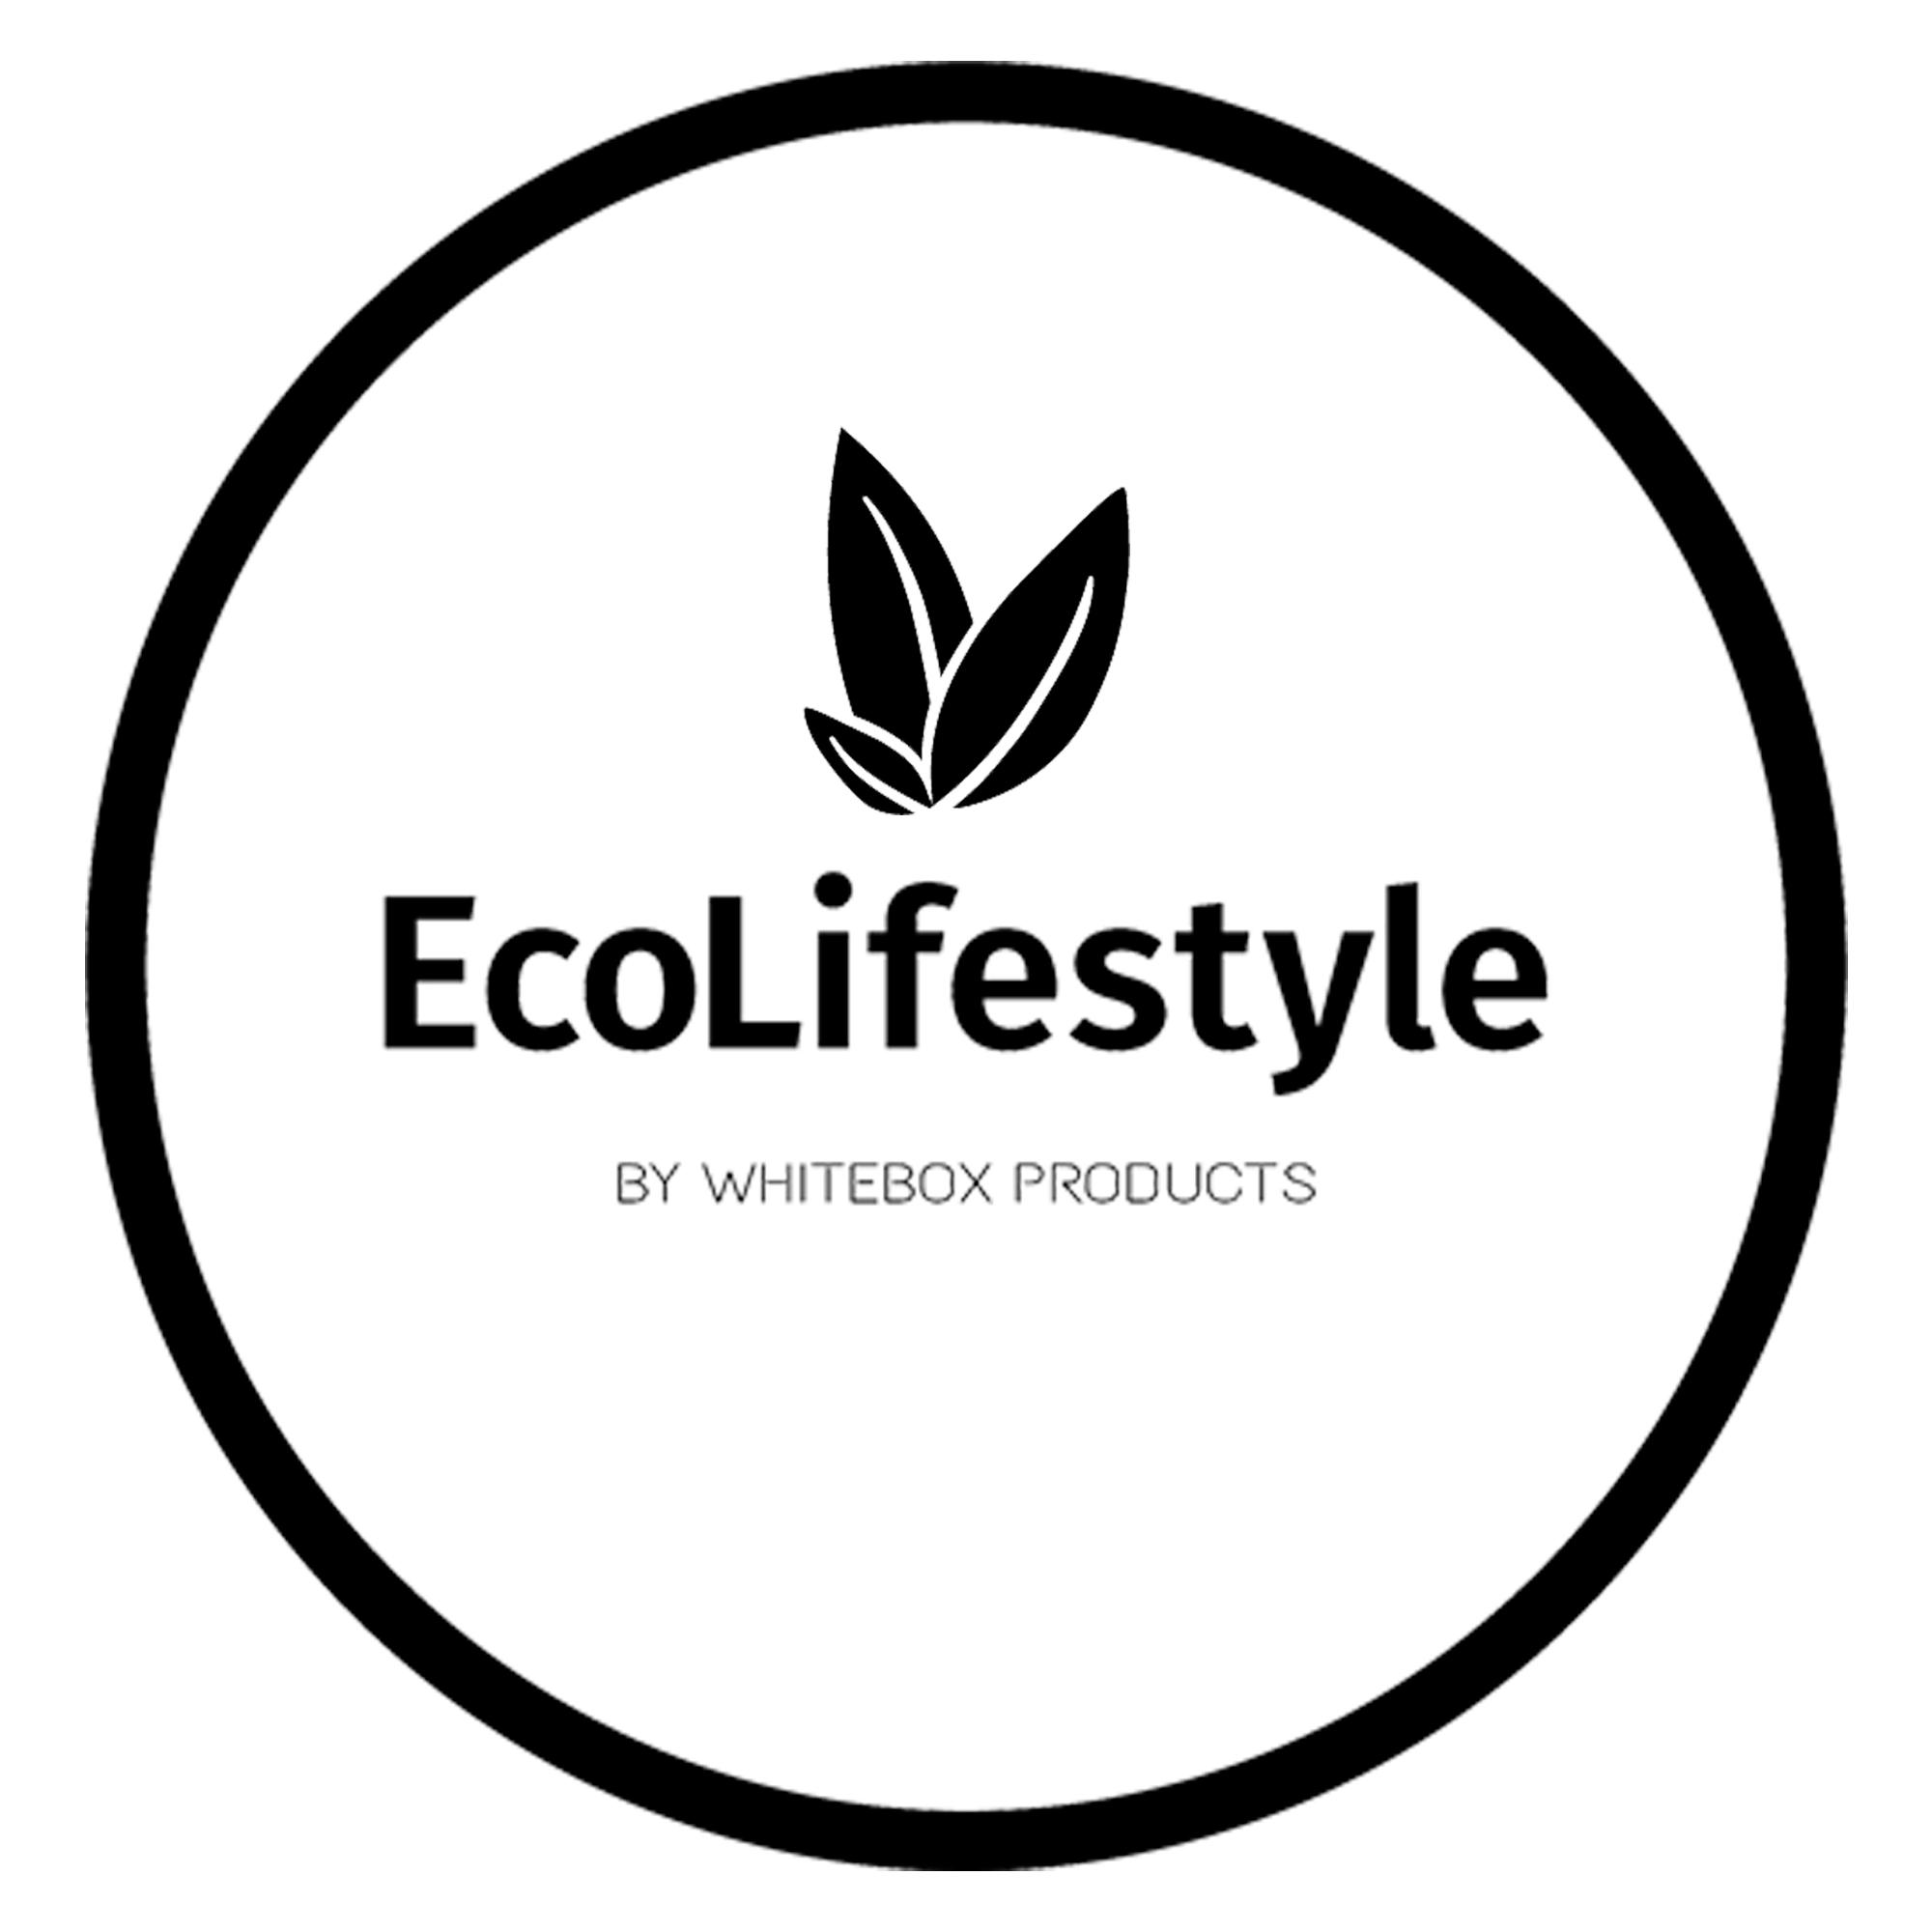 EcoLifestyle